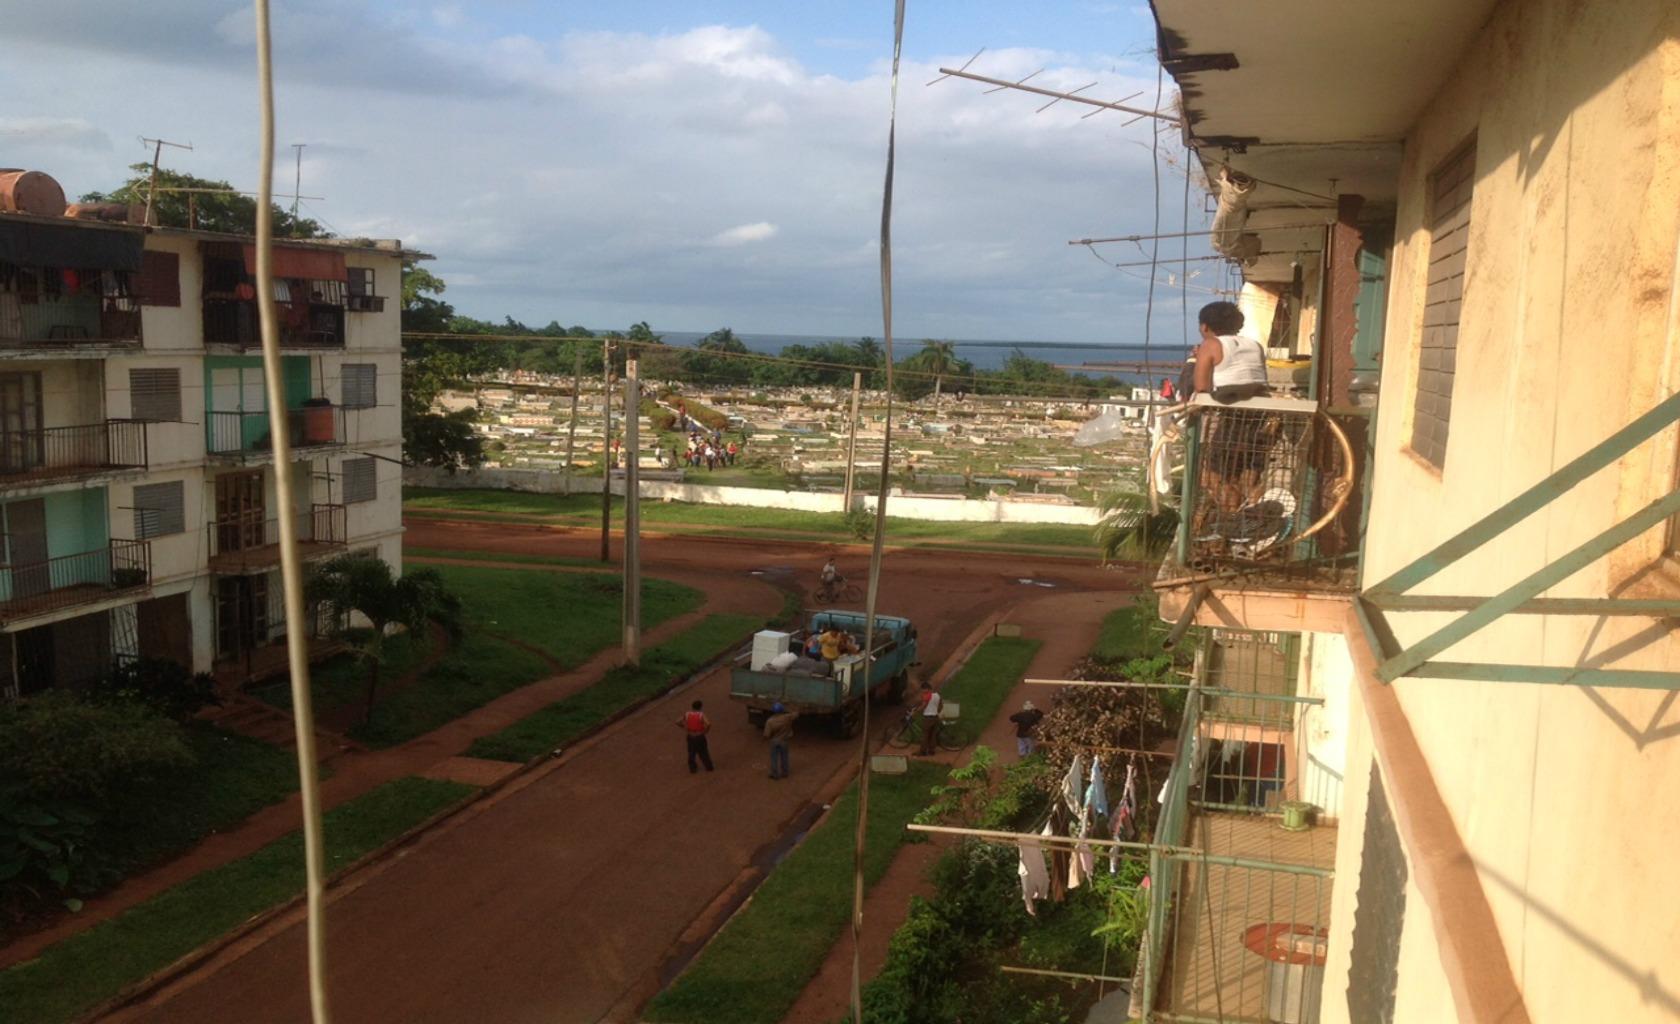 Moa, arrêt obligé si vous voyagez en taxi collectif entre Holguin et Baracoa